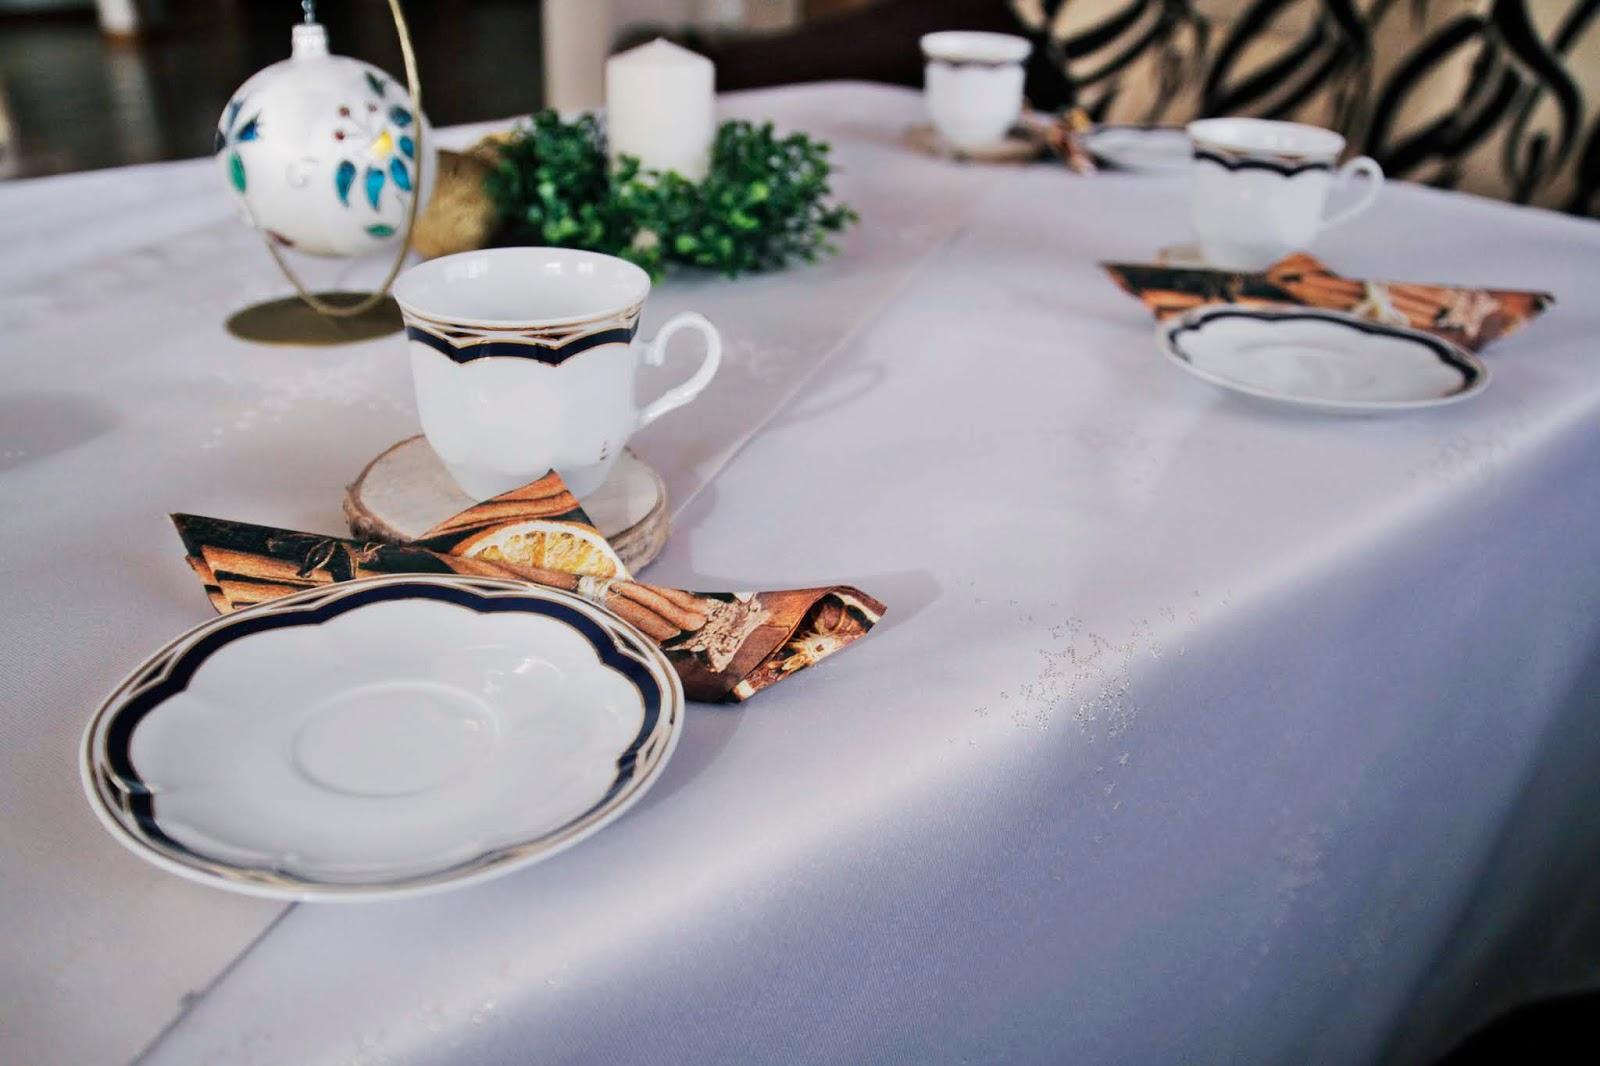 Świąteczny obrus już na stole